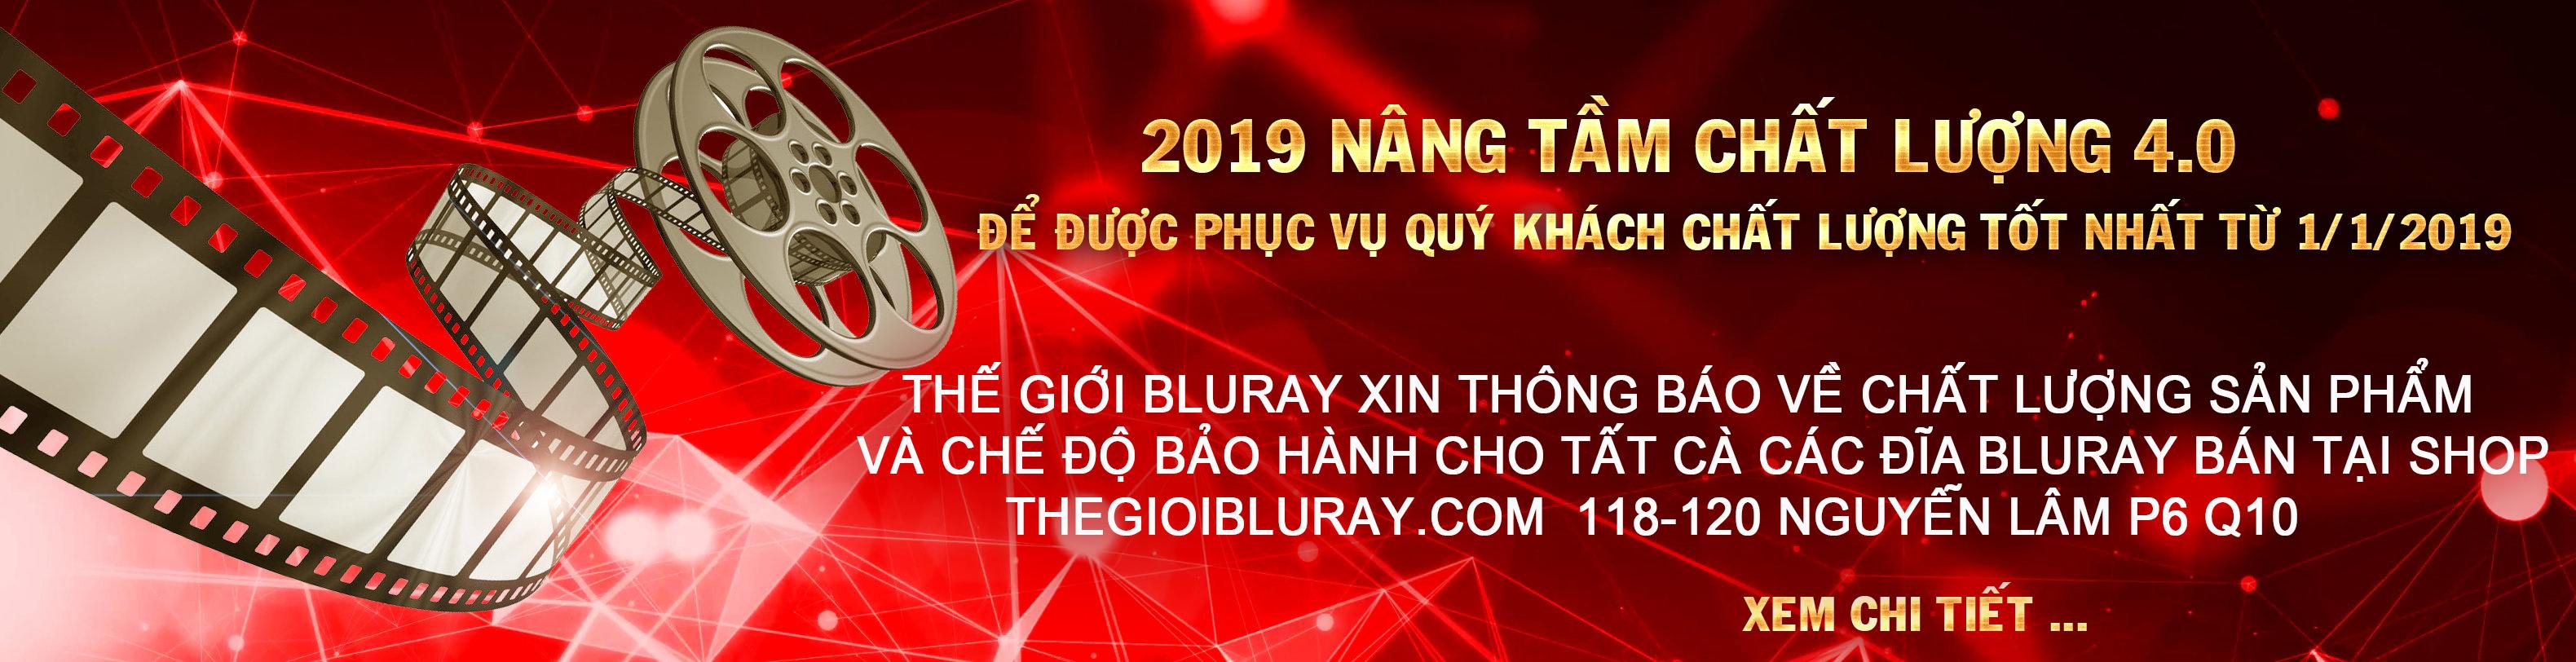 2019  NÂNG TẦM CHẤT LƯỢNG 4.0